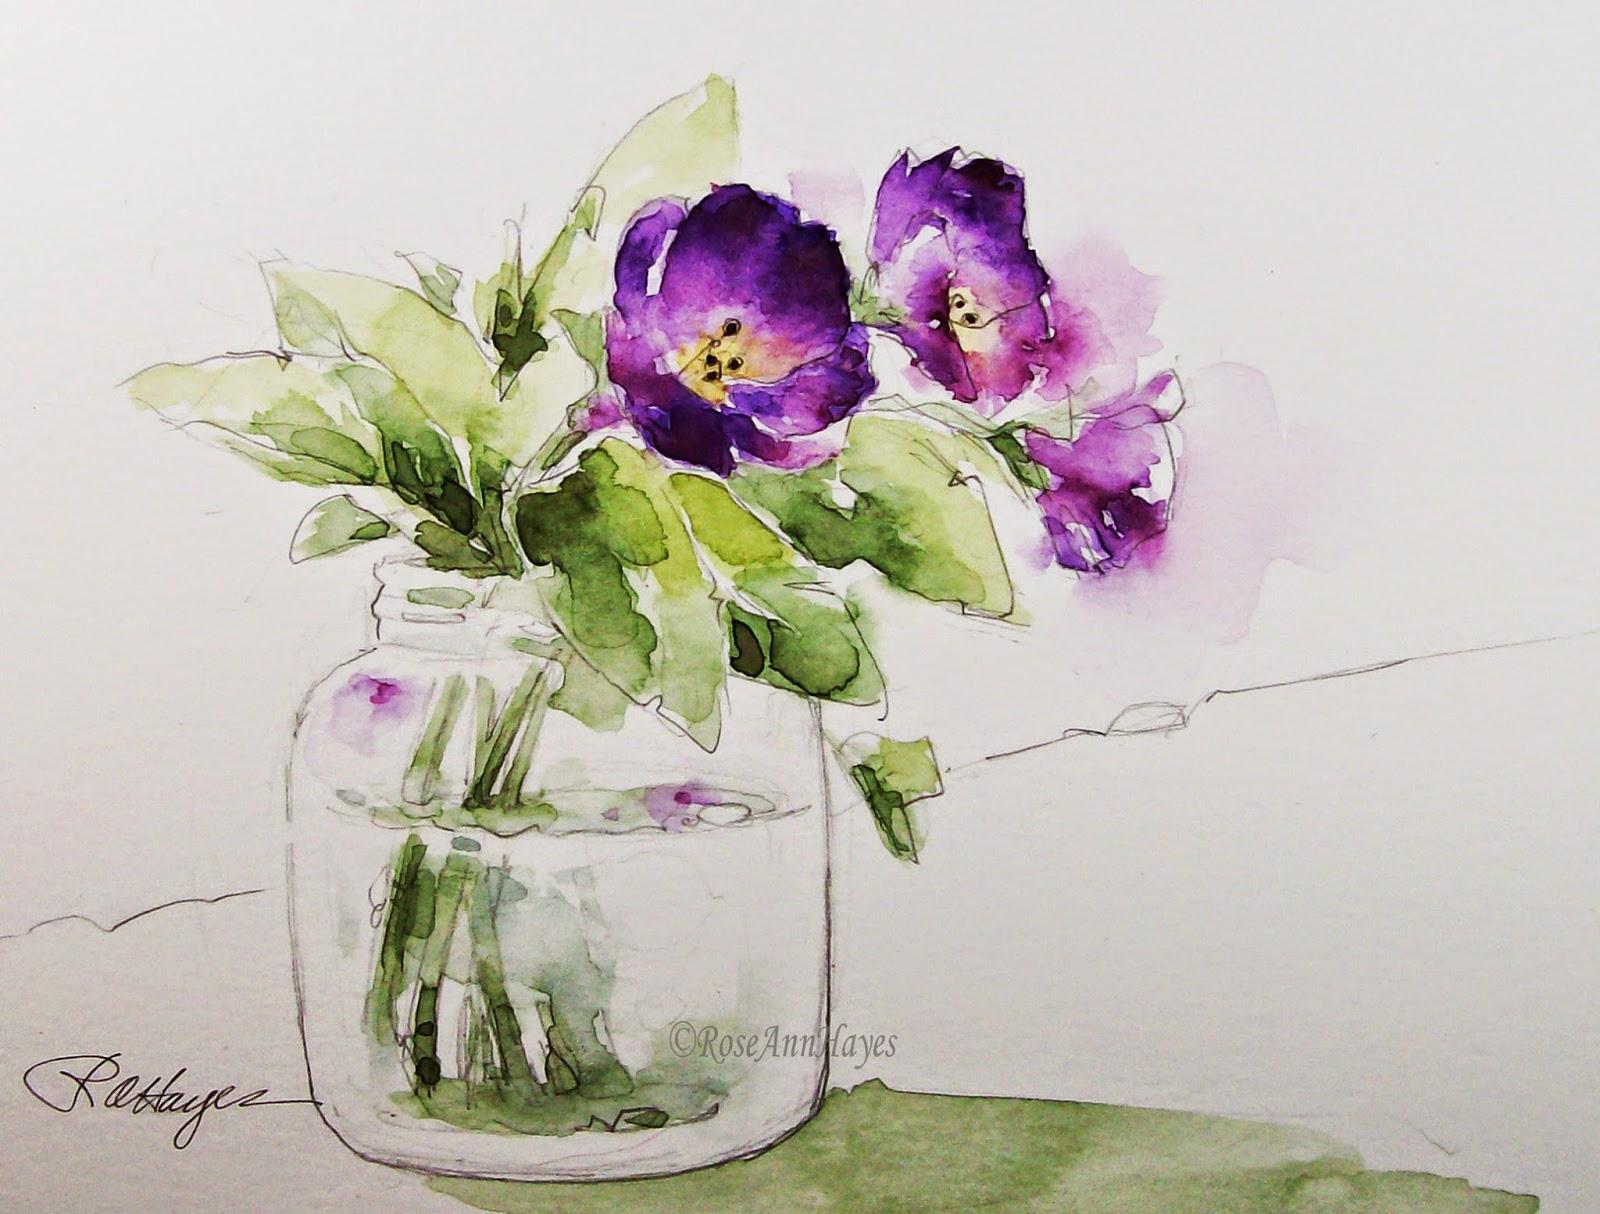 watercolor paintings by roseann hayes purple flowers in baby food